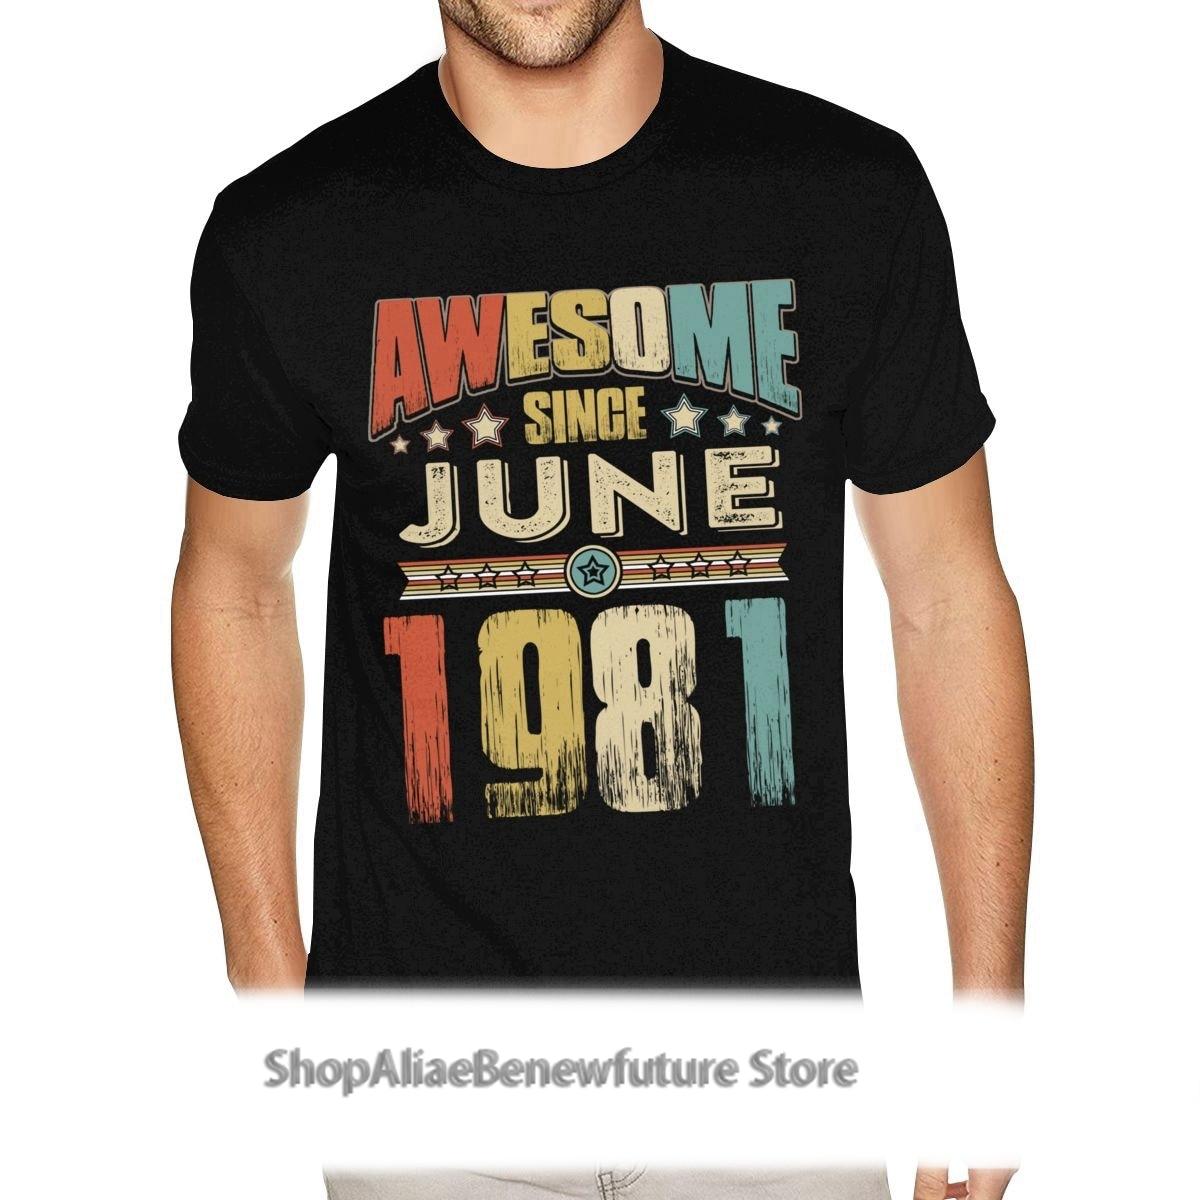 Deporte increíble desde junio de 1981 camisetas de diseño para hombre su...